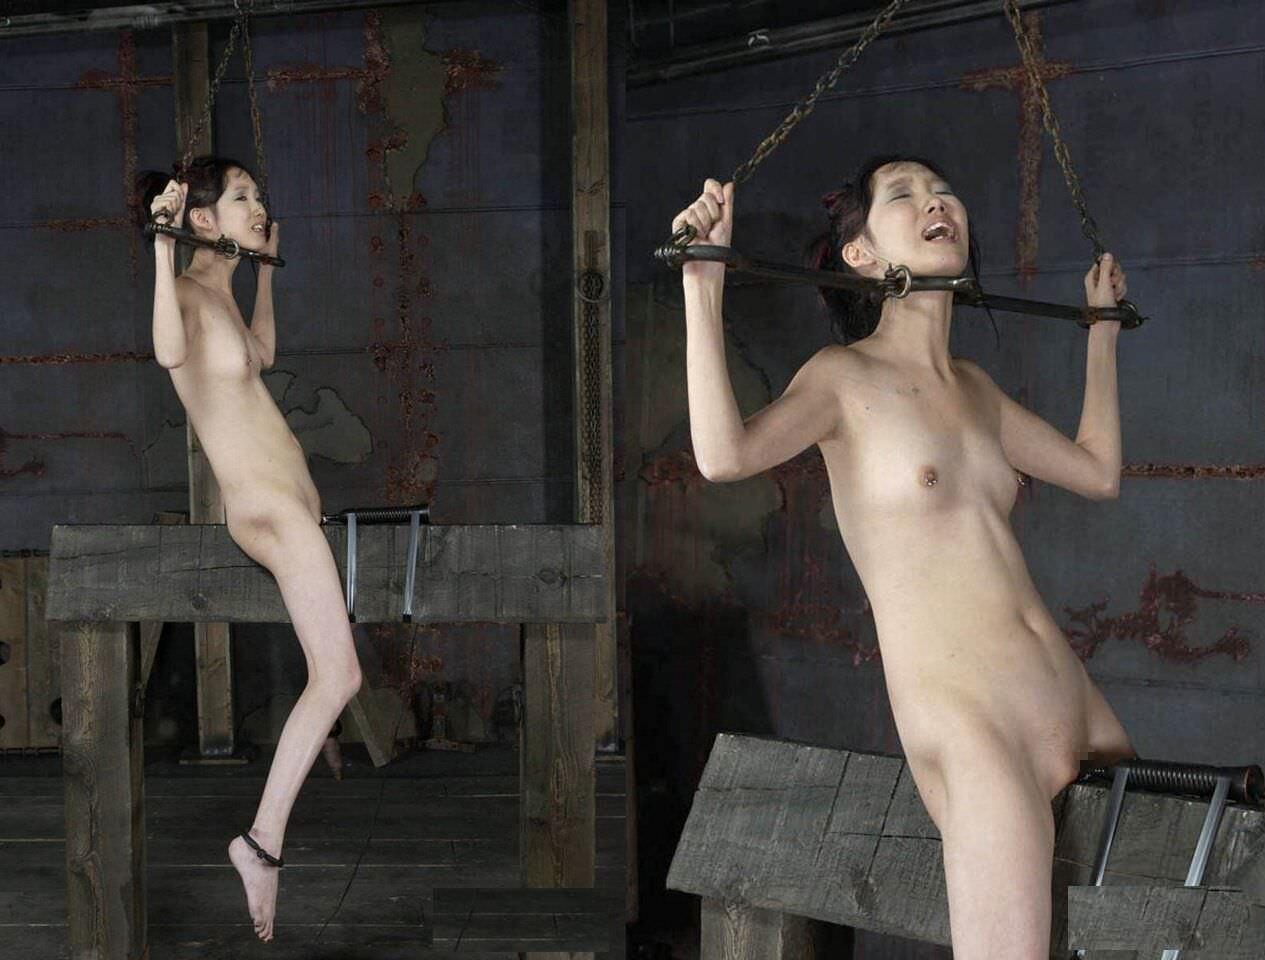 三角木馬で調教されてる美女がガチ絶叫wwwwの拷問SMエロ画像 1477